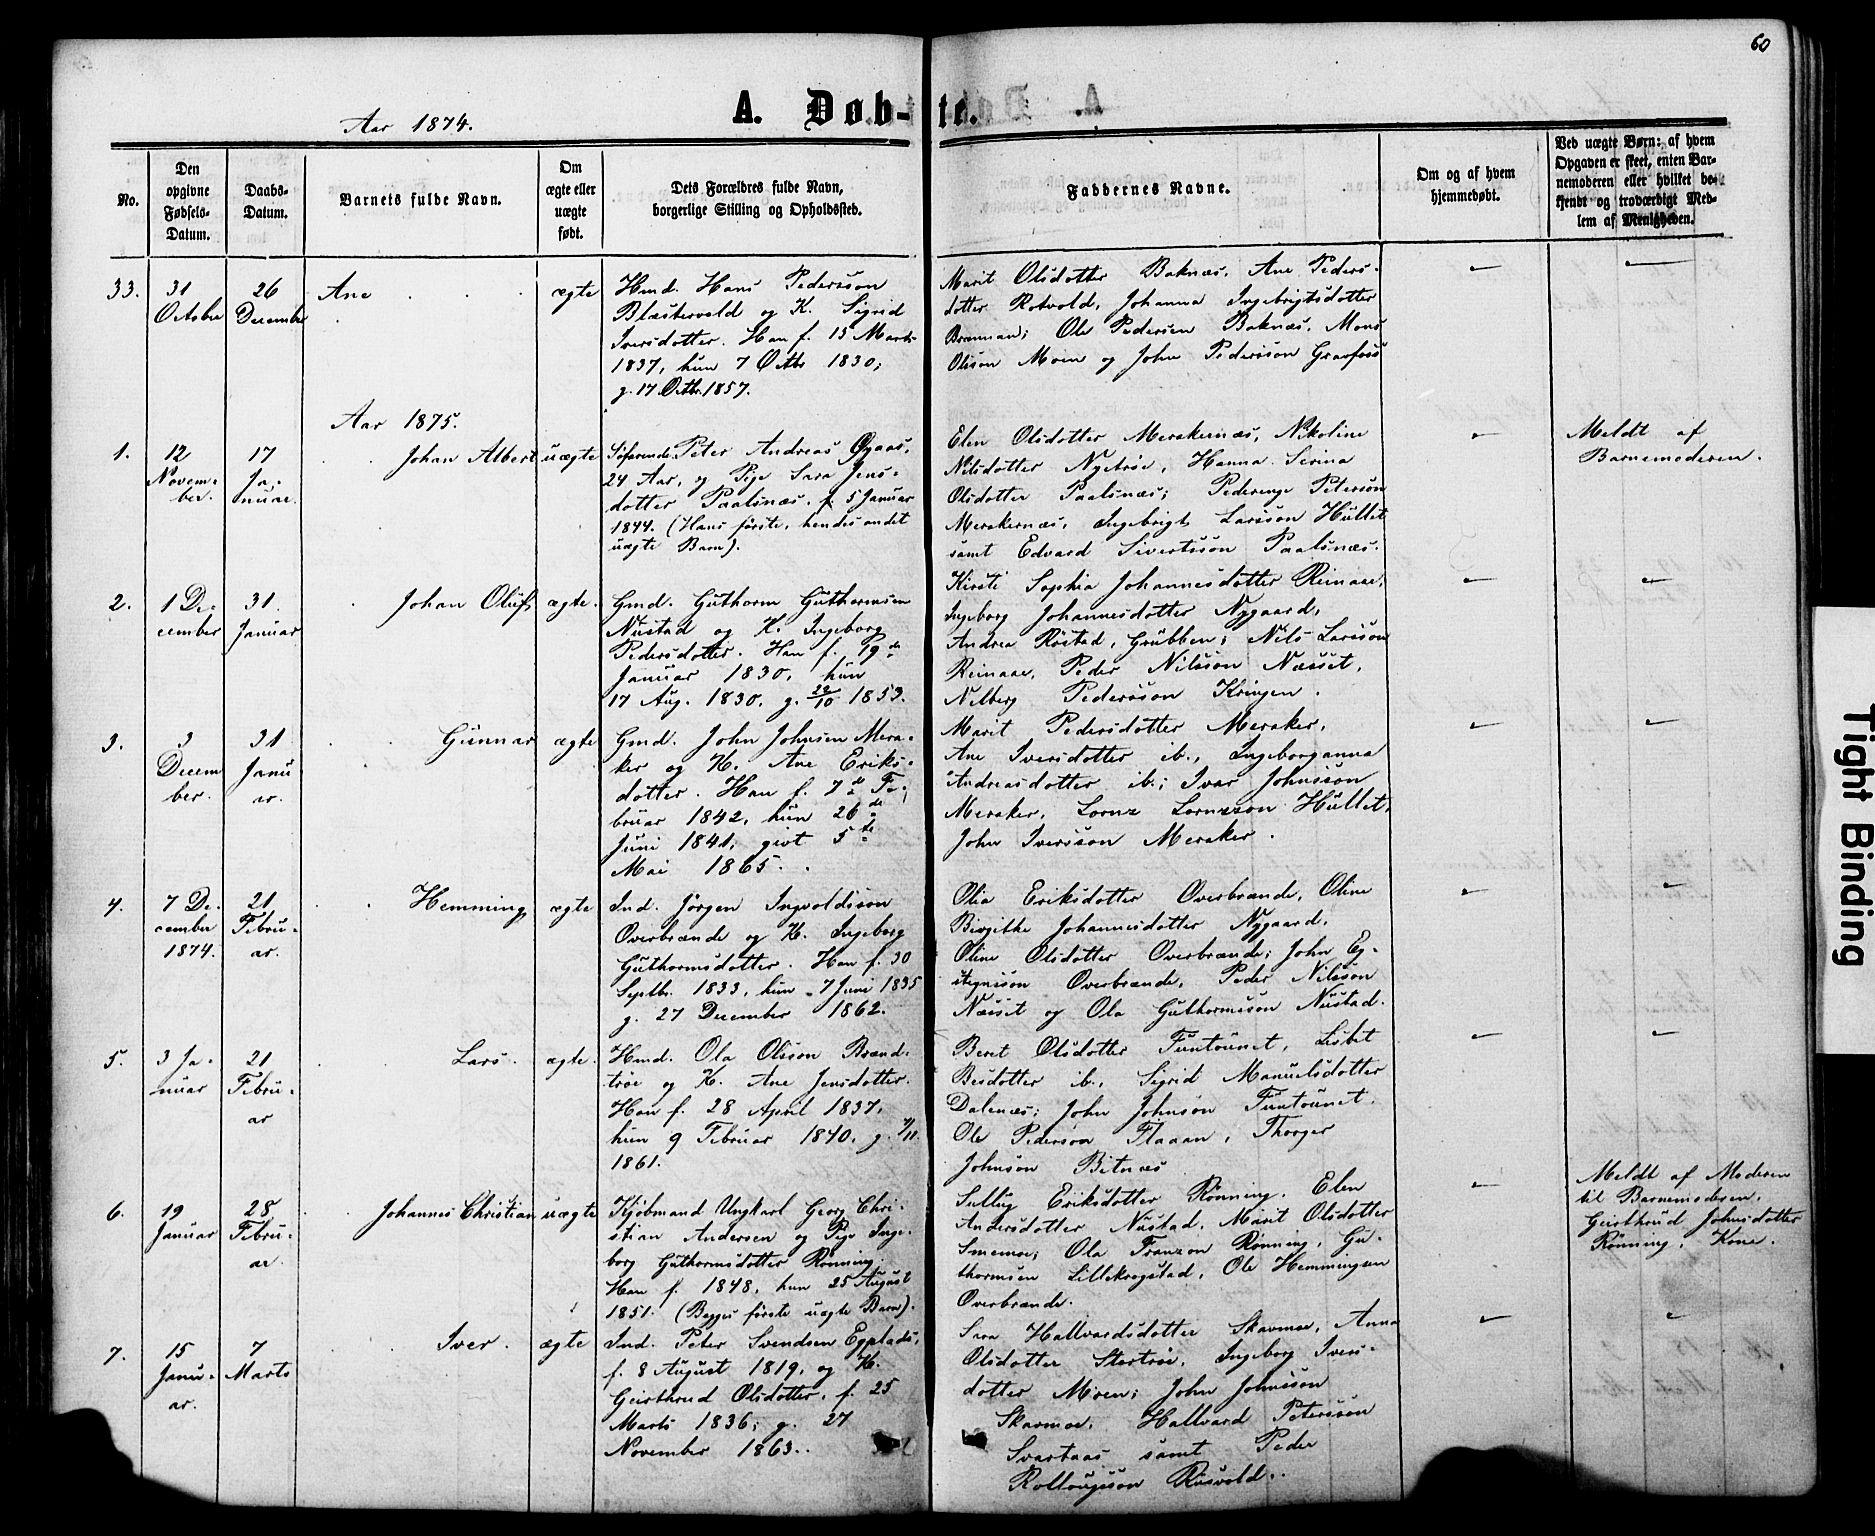 SAT, Ministerialprotokoller, klokkerbøker og fødselsregistre - Nord-Trøndelag, 706/L0049: Klokkerbok nr. 706C01, 1864-1895, s. 60